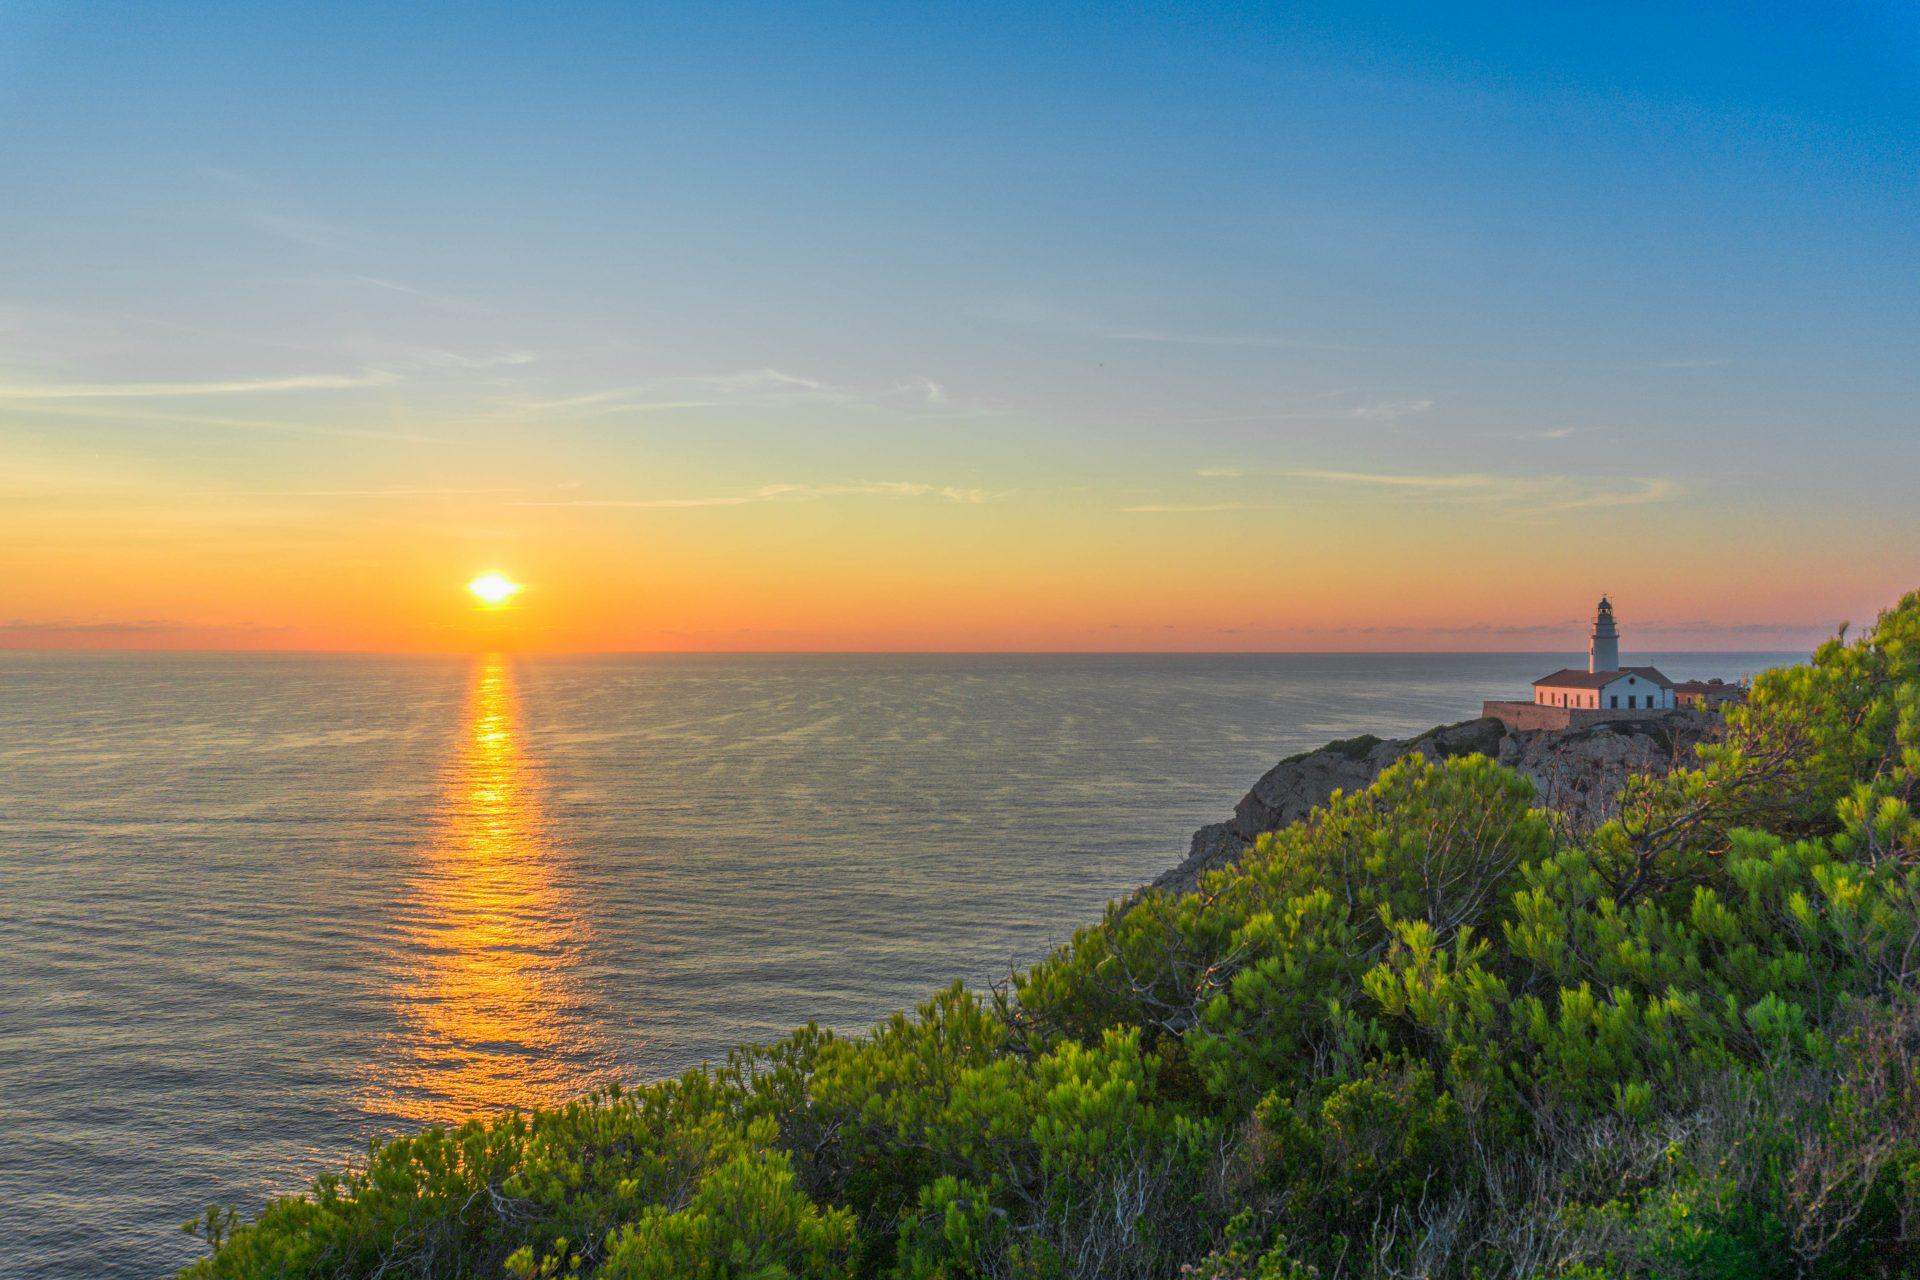 Auch wöhrend der Saison können sie hier noch zum günstigsten Tarif auf die gelobte Insel Mallorca fahren. Mallorca sollte schon zu einem unserer Bundesländer gekröhnt werden. Auf keiner Insel trifft man so oft auf bekanntschaften wie auf Mallorca.